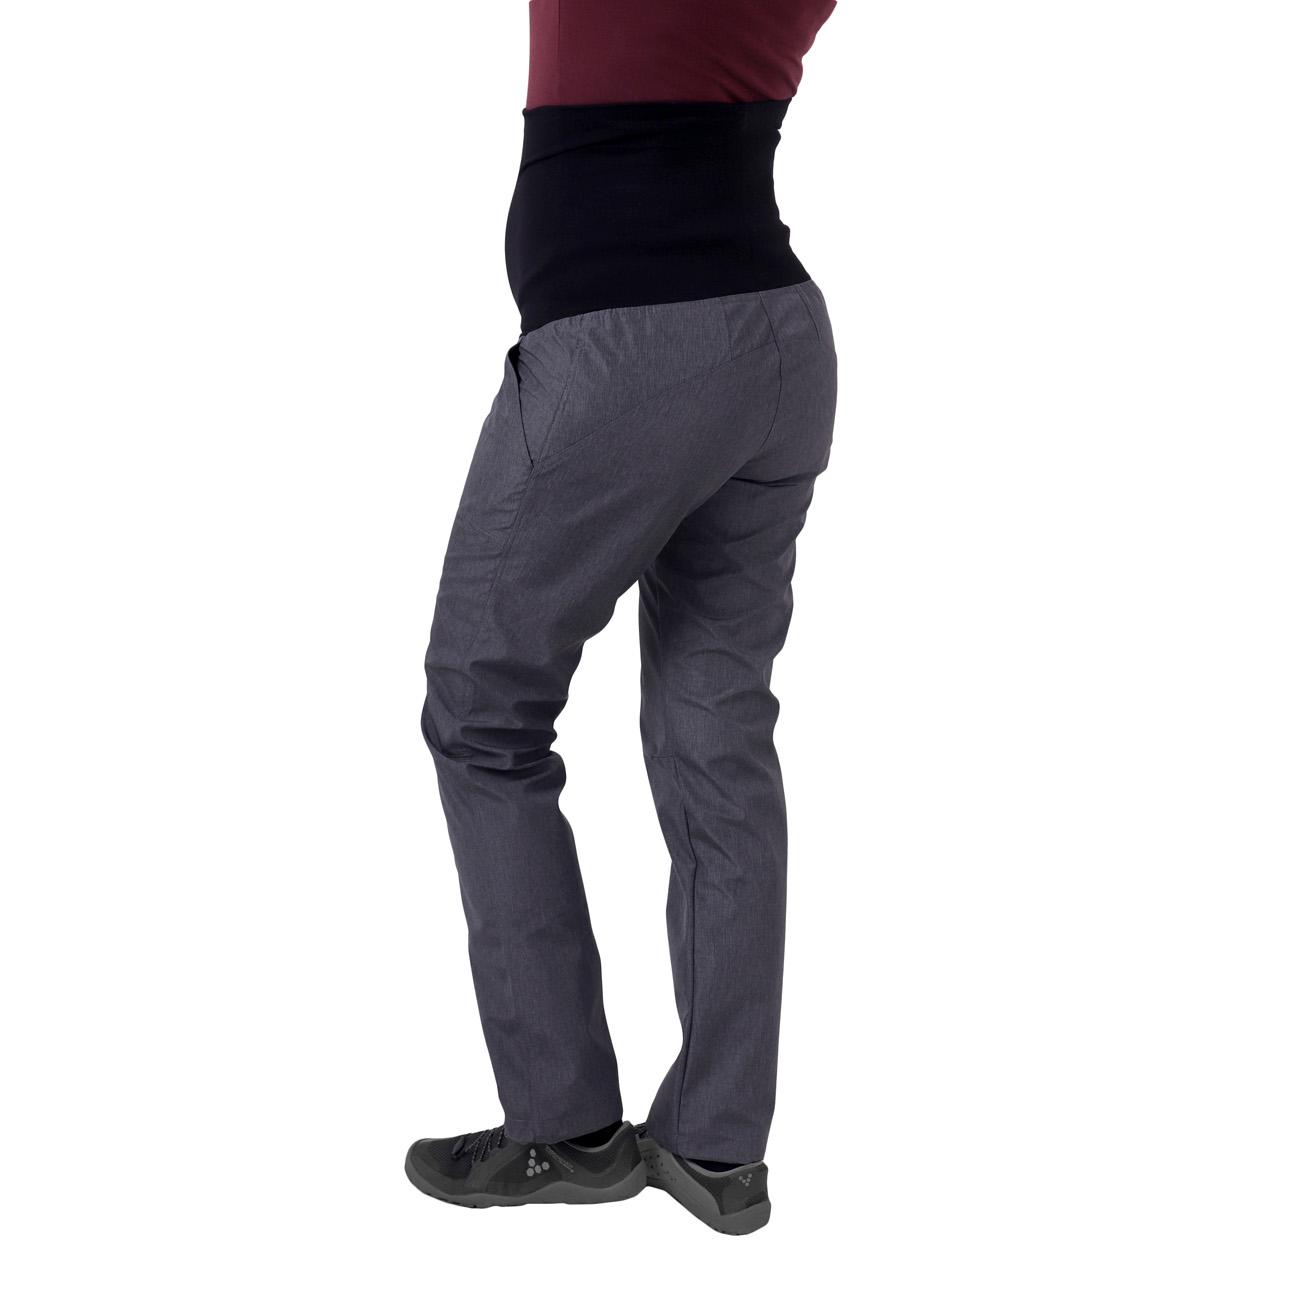 Jarní/letní těhotenské softshellové kalhoty liva, šedý melír, 36 prodloužené